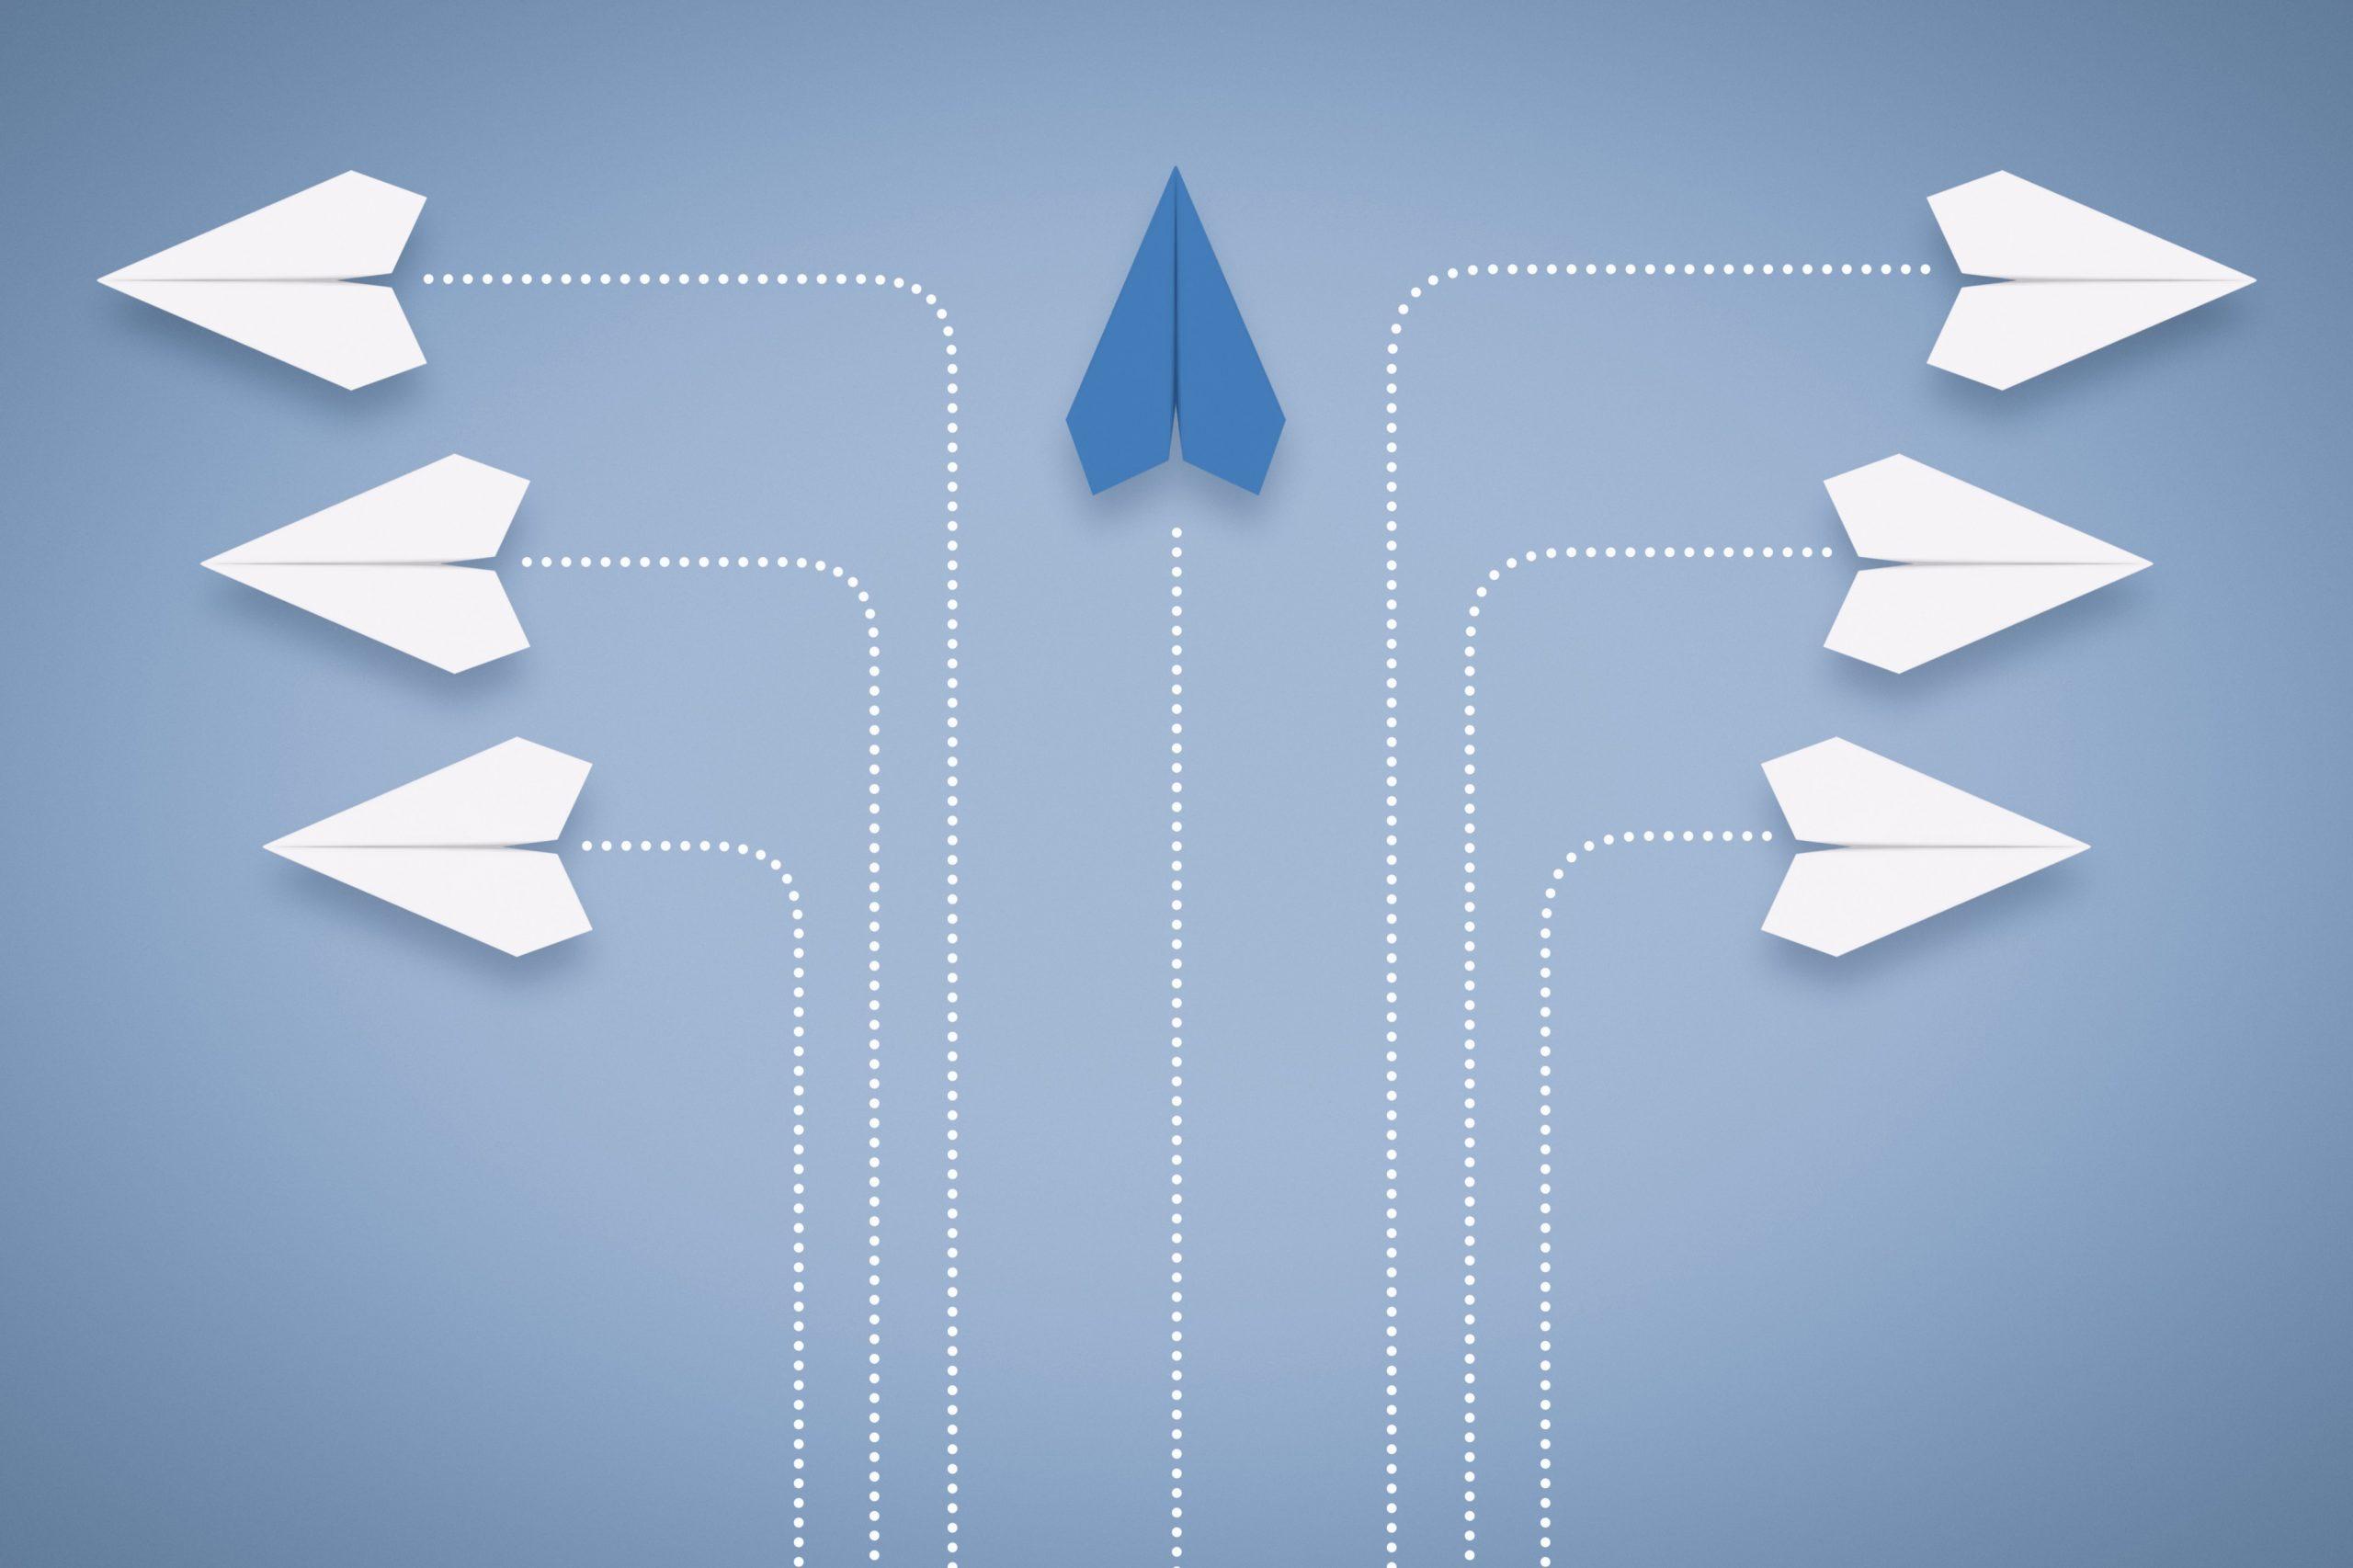 Planejamento e Registro Estratégico: sua empresa tem um?